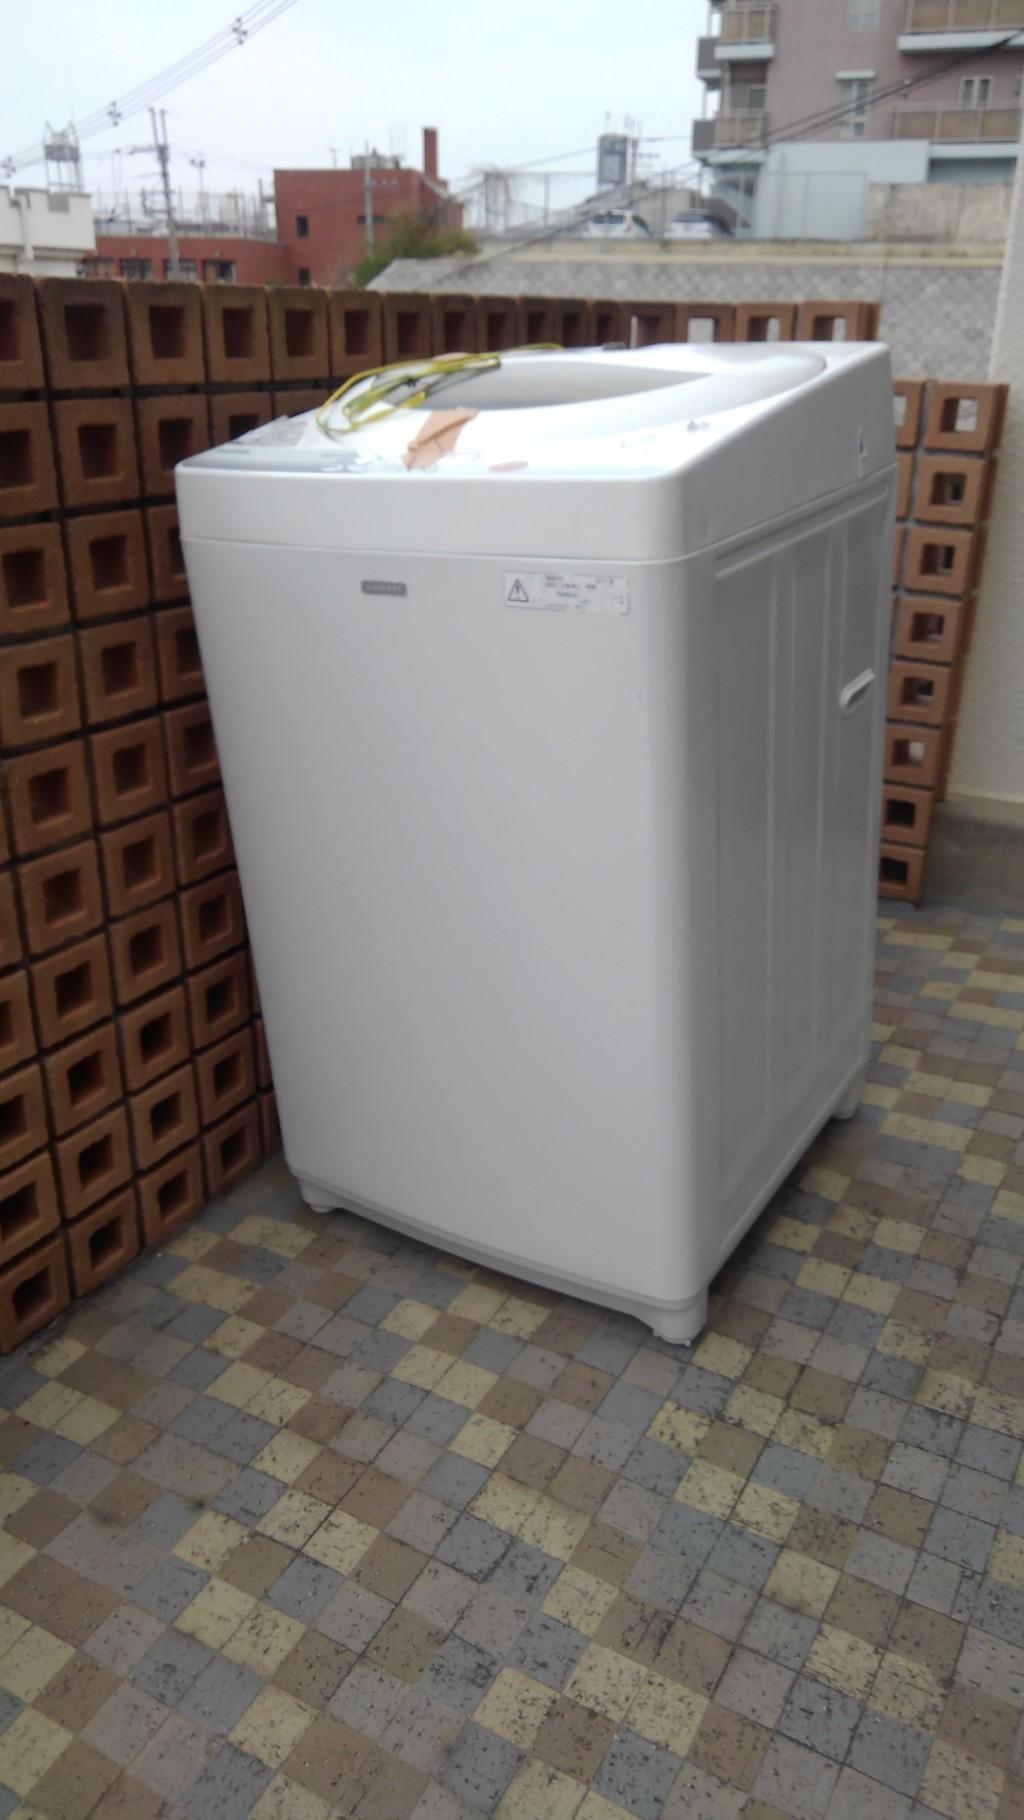 【奈良市富雄元町】洗濯機一点の回収☆希望日での対応にご満足いただけたようです!